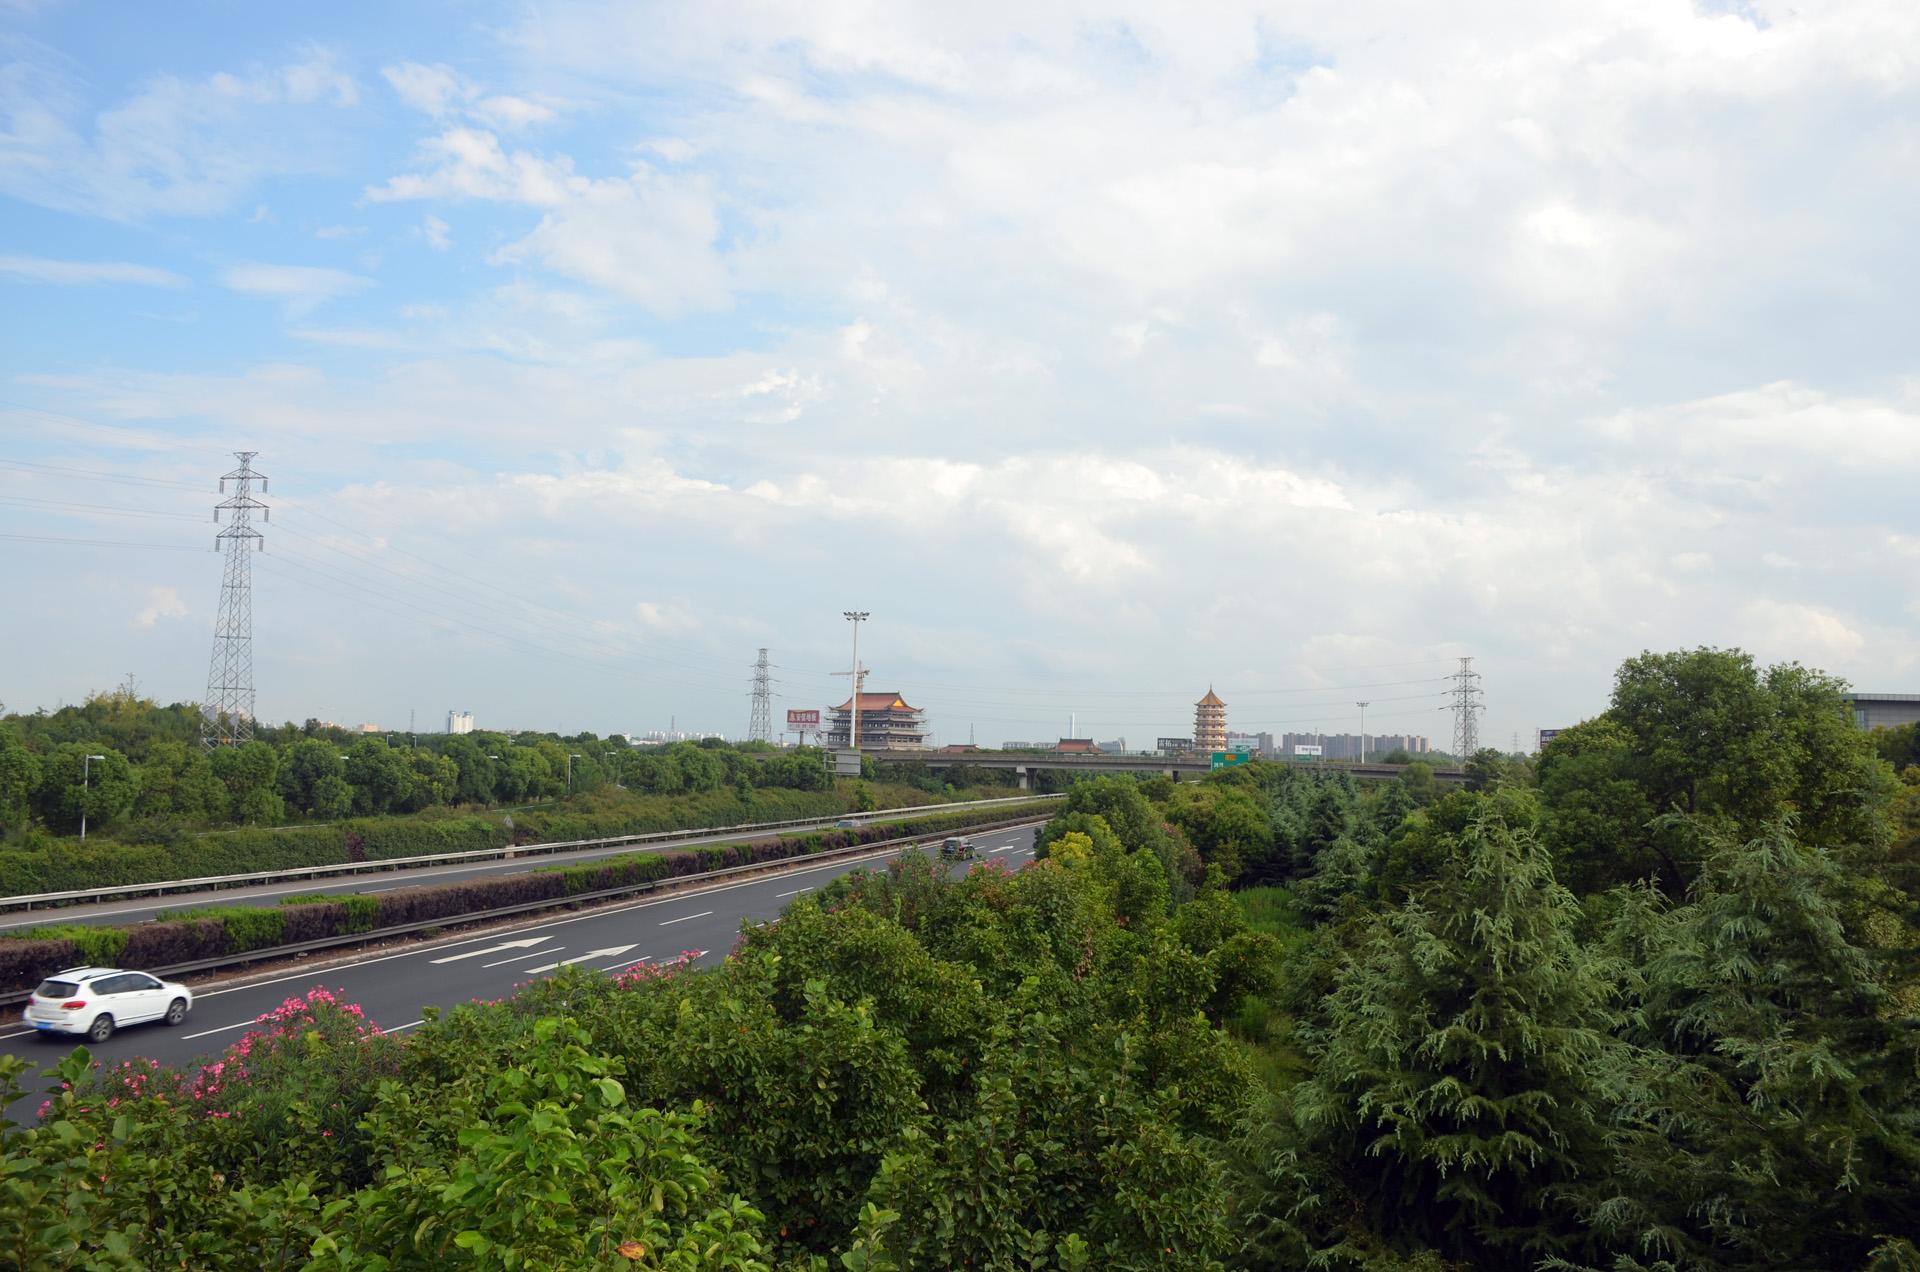 远景多角度太仓海天禅寺红庙的宏伟和江南缥缈正在建设的后殿 这里是太仓 摄影 第4张